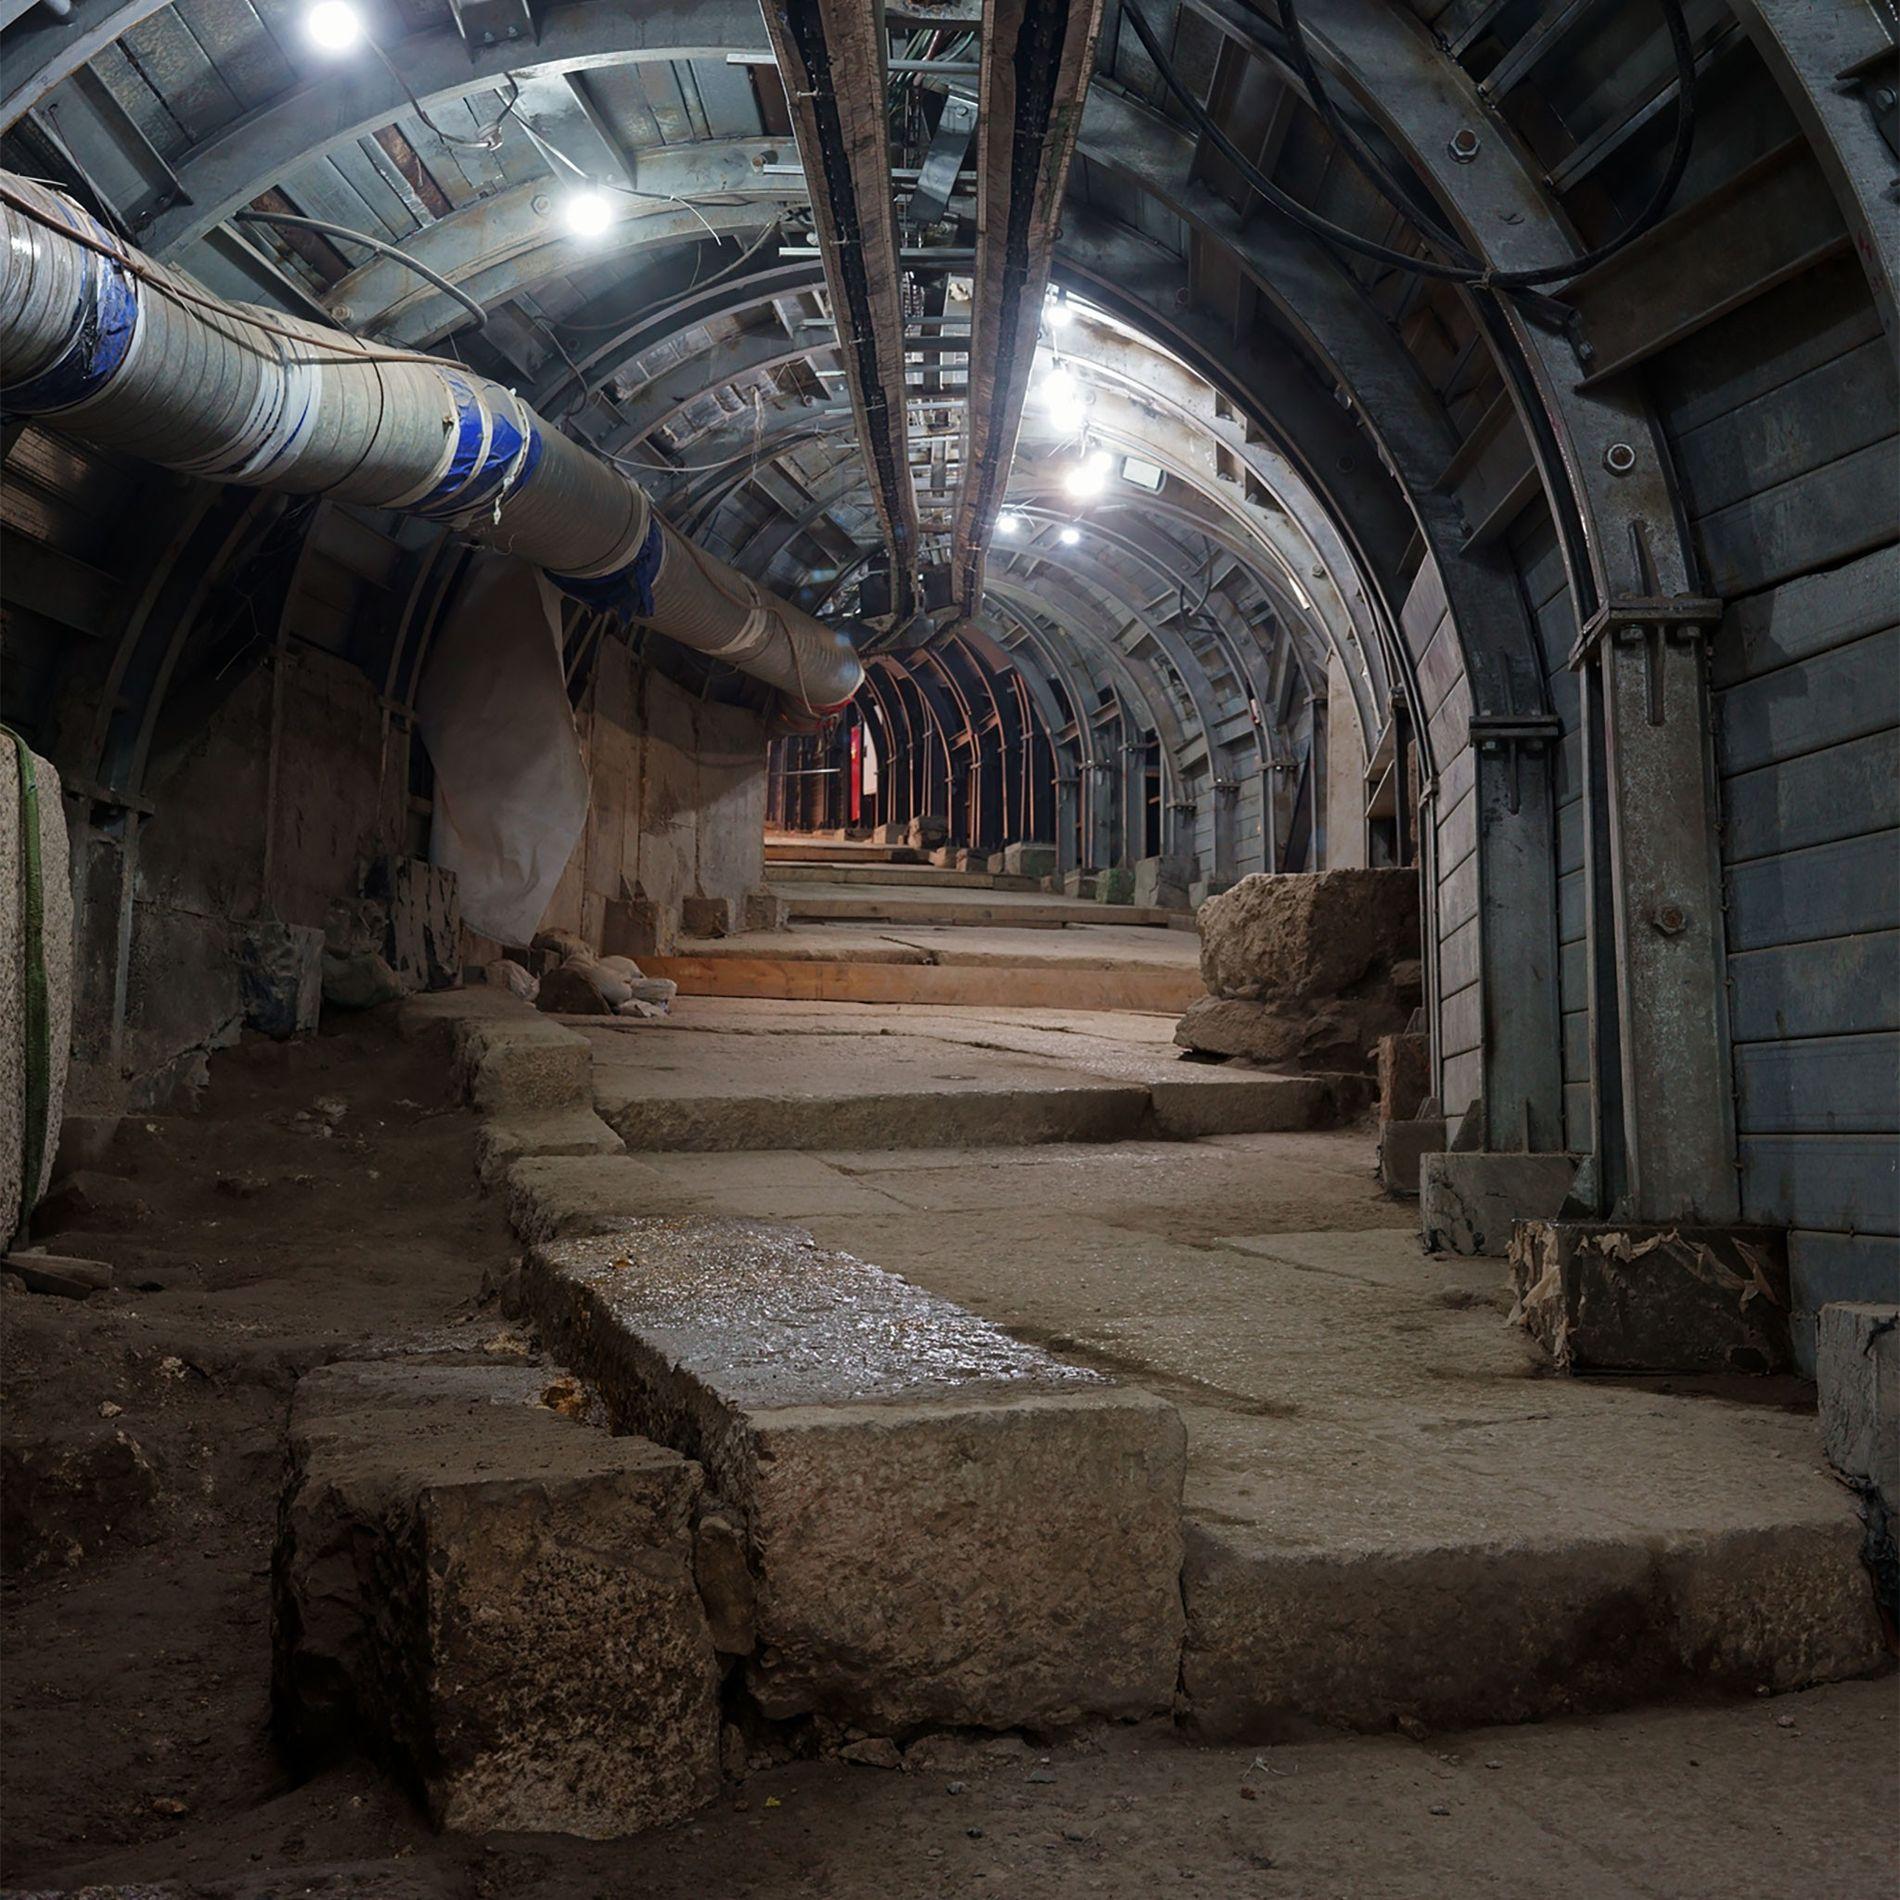 Para revelar uma antiga rua de Jerusalém, arqueólogos e engenheiros israelitas estão a construir um túnel ...